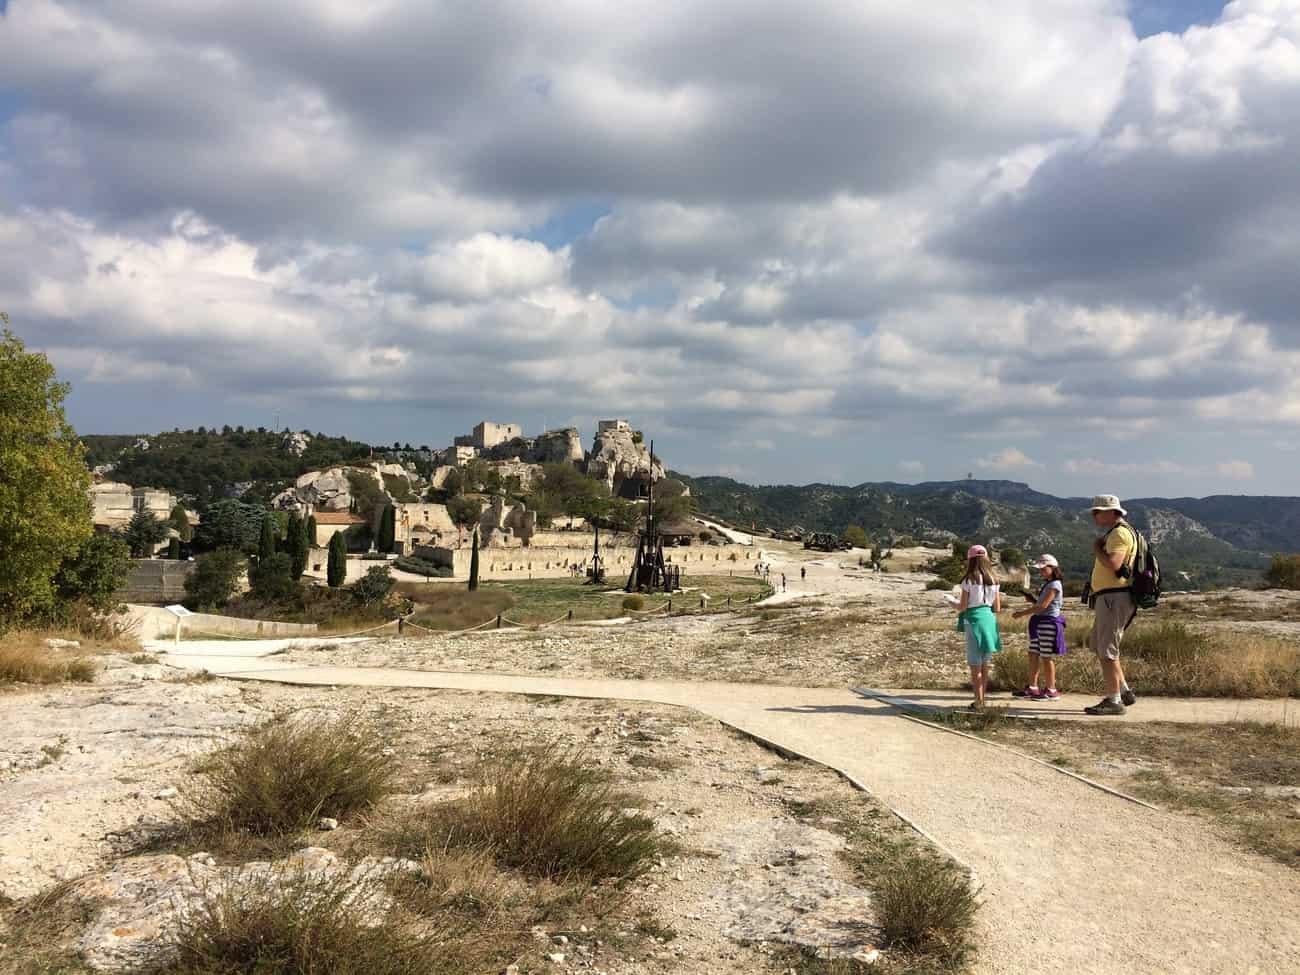 Les Baux - huge site